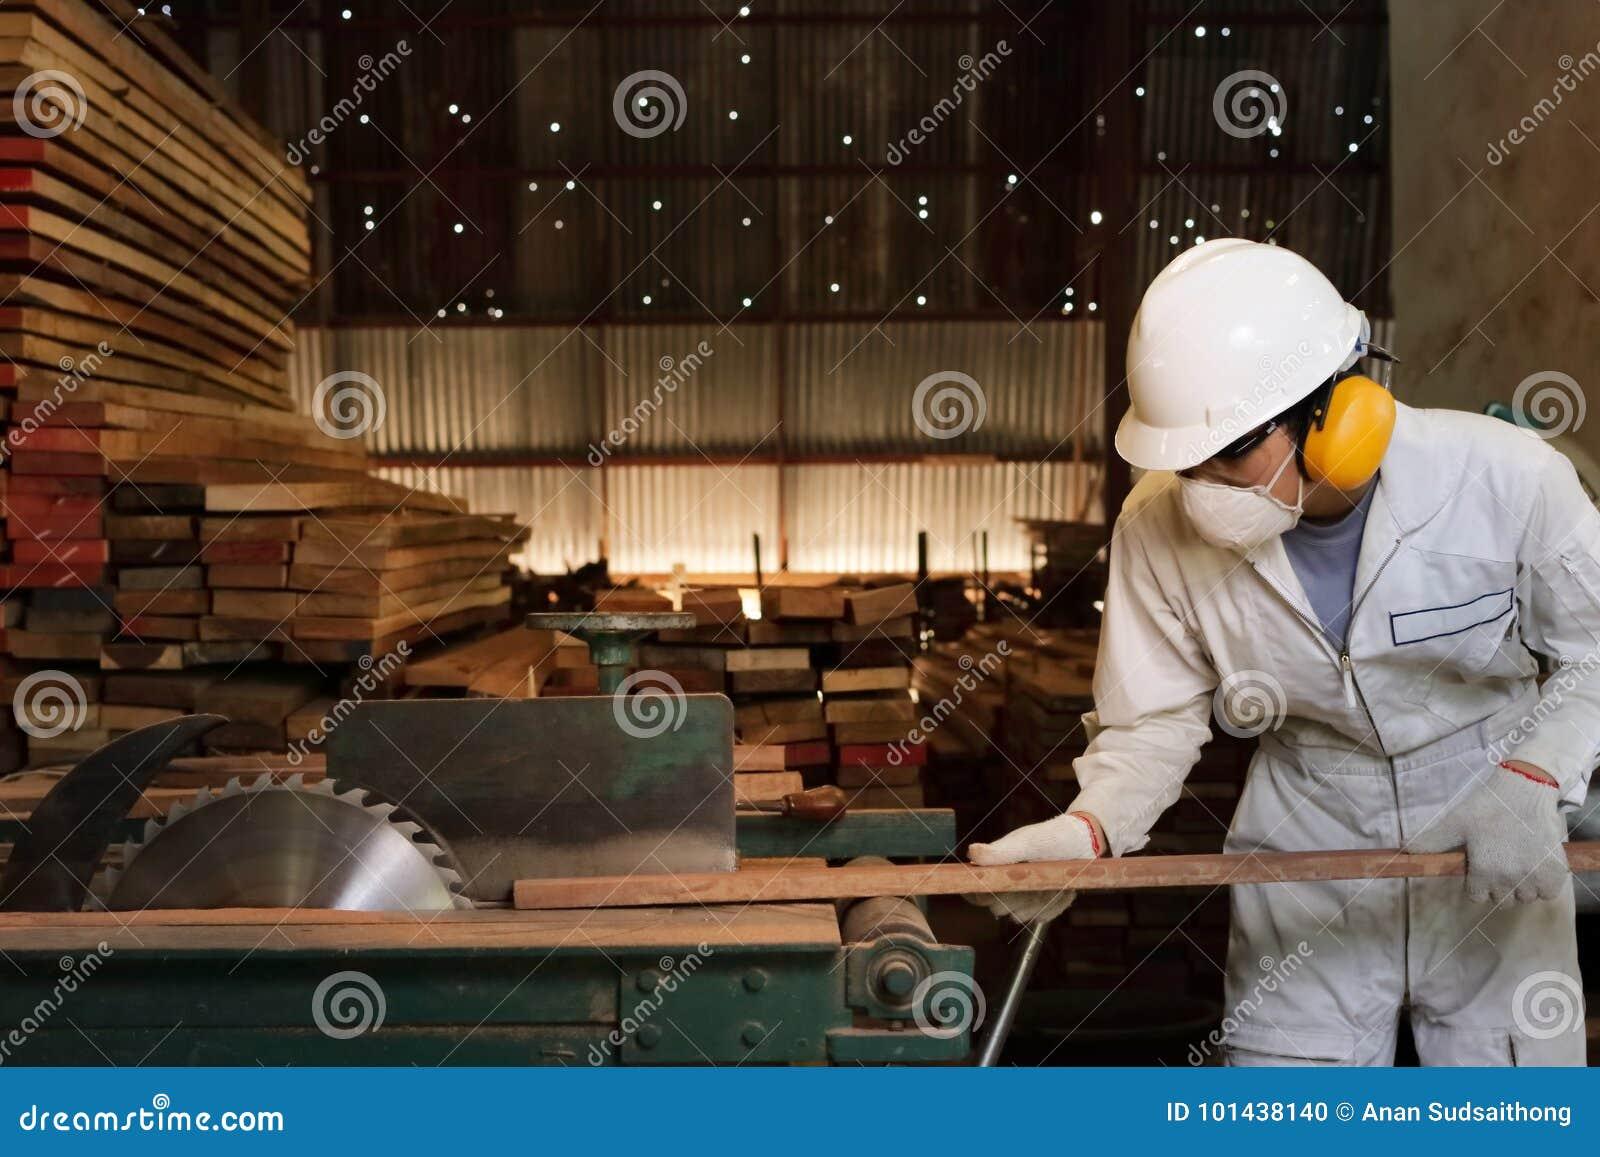 Ο επαγγελματικός νέος εργαζόμενος στον άσπρο ομοιόμορφο και εξοπλισμό ασφάλειας που κόβει ένα κομμάτι του ξύλου στον πίνακα είδε